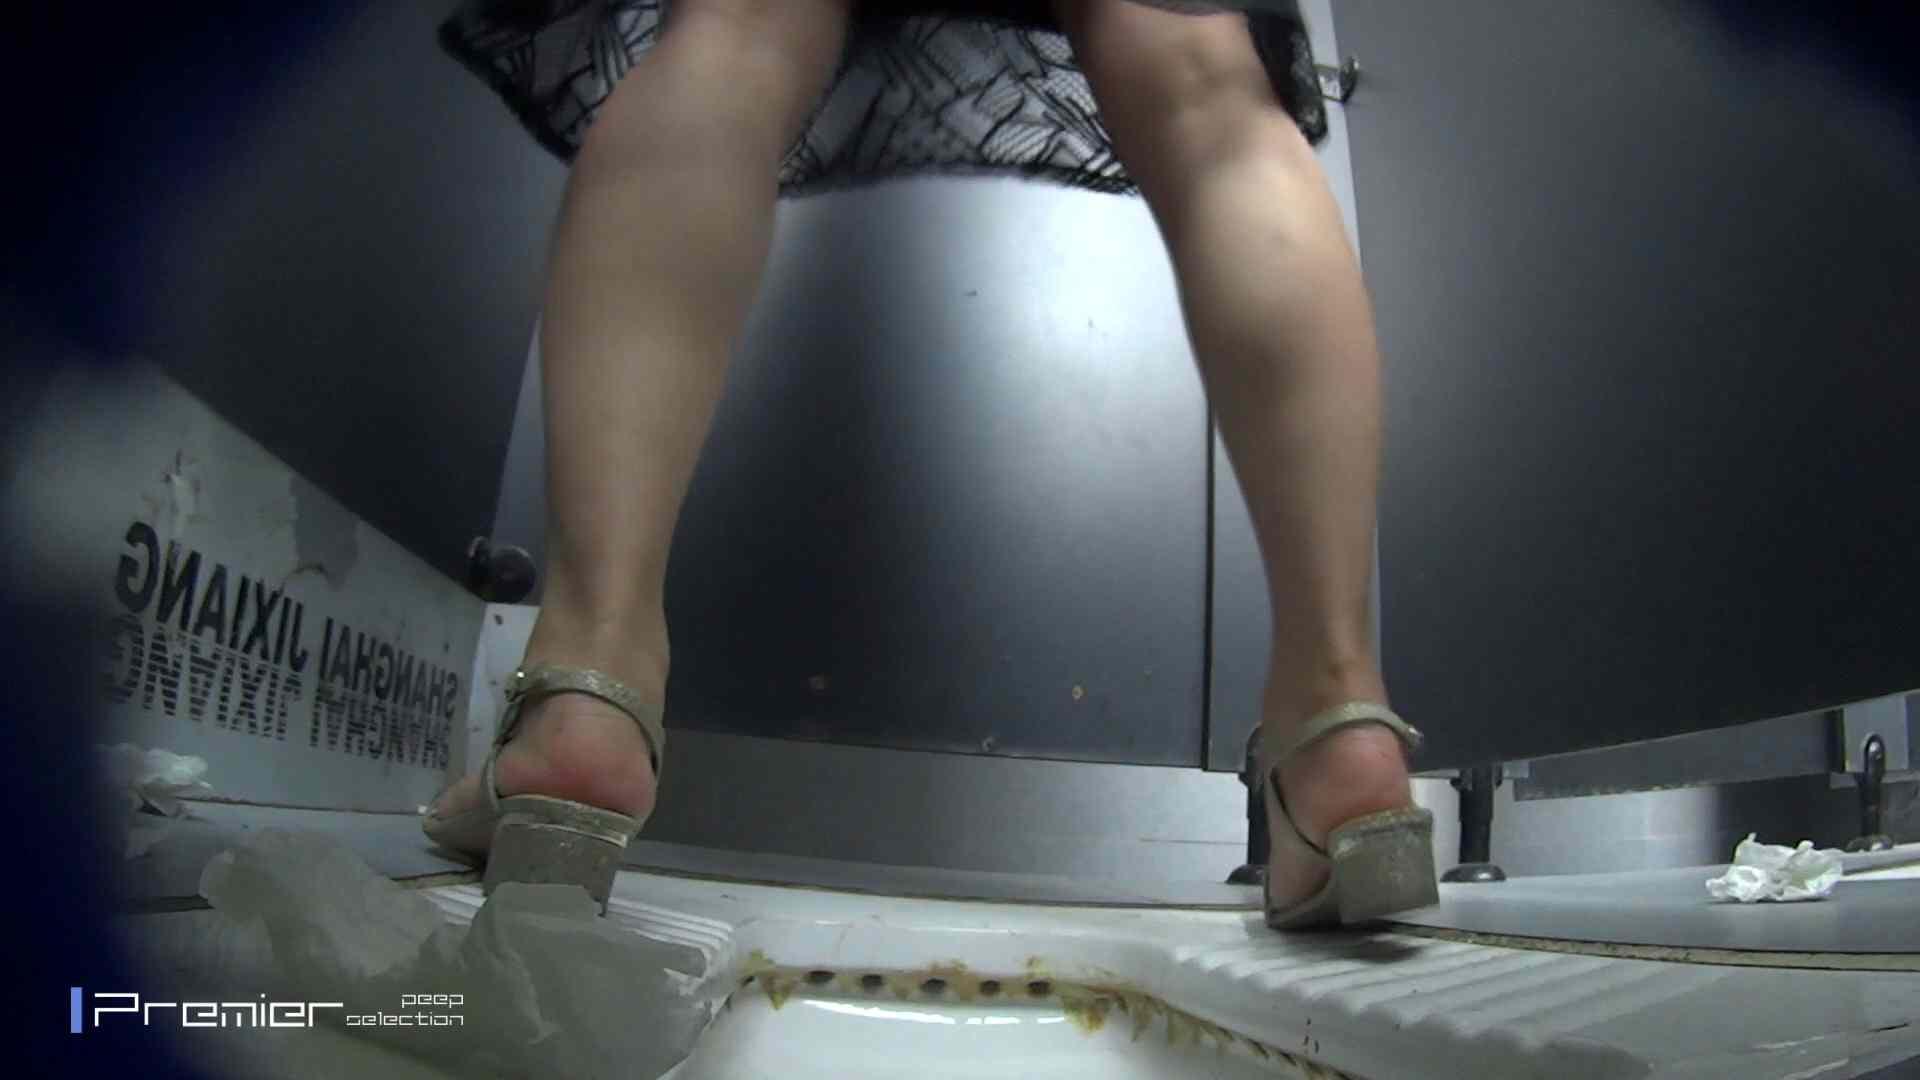 スキニージーンズの美女 大学休憩時間の洗面所事情56 盗撮映像  94Pix 58